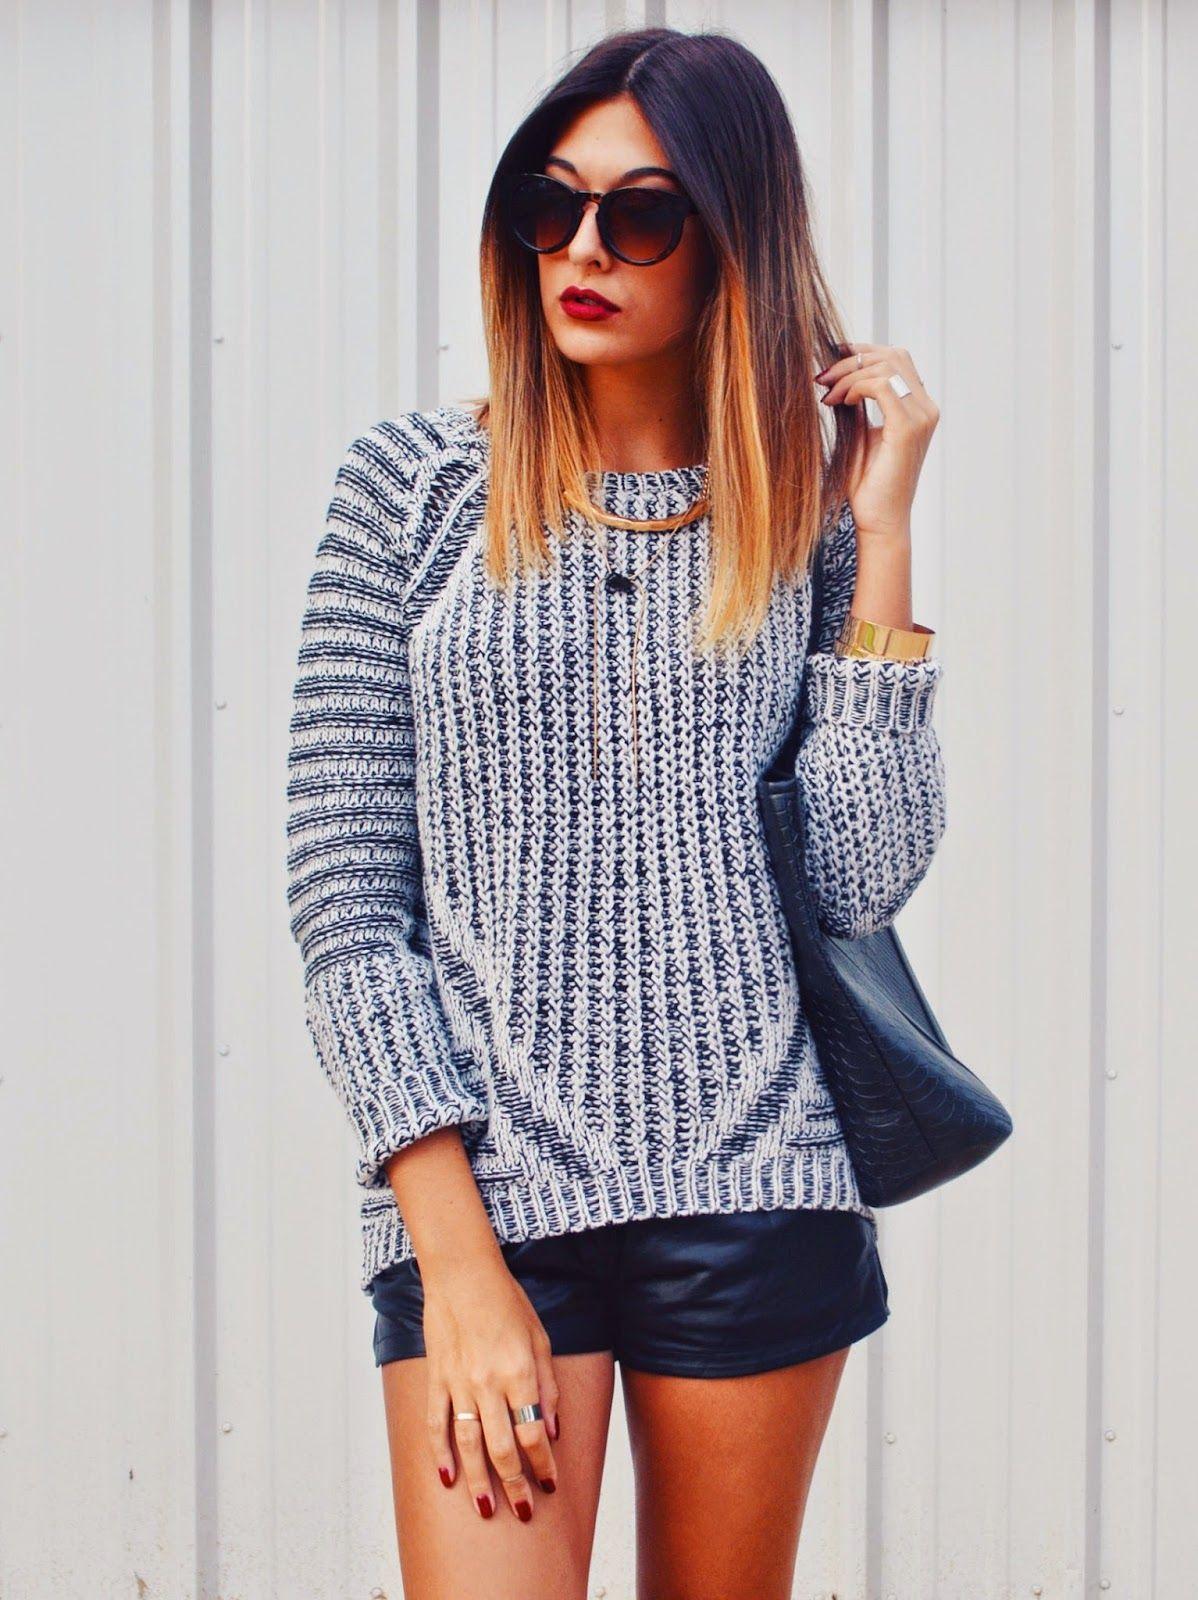 f6030800408 Danielle DeHardt is wearing a grey knitwear sweater from Dex Clothing